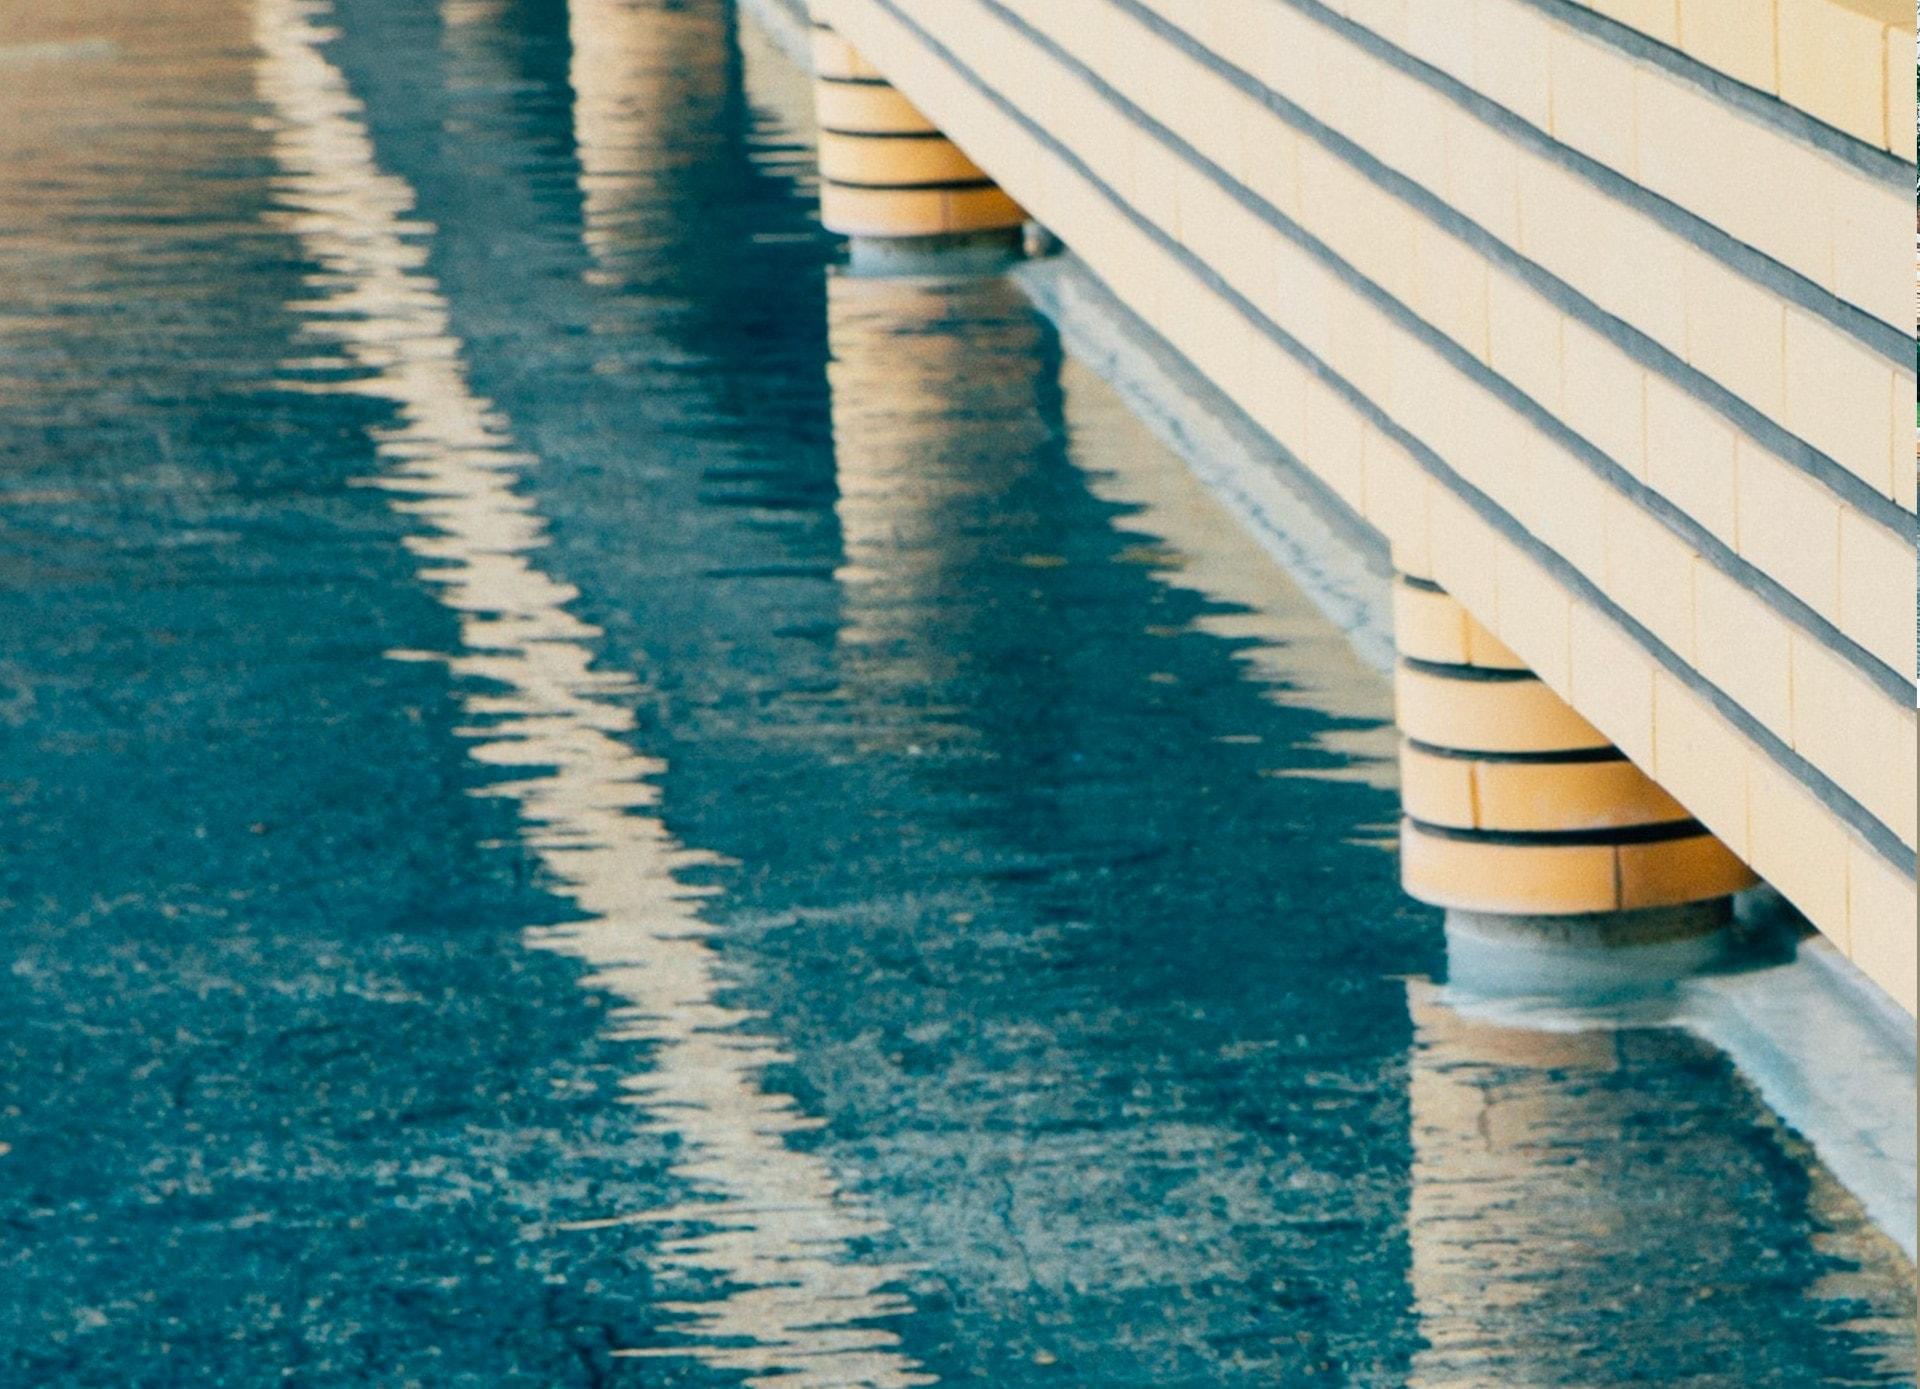 La couleur de l'eau de la piscine - Villa Cavrois à Roubaix